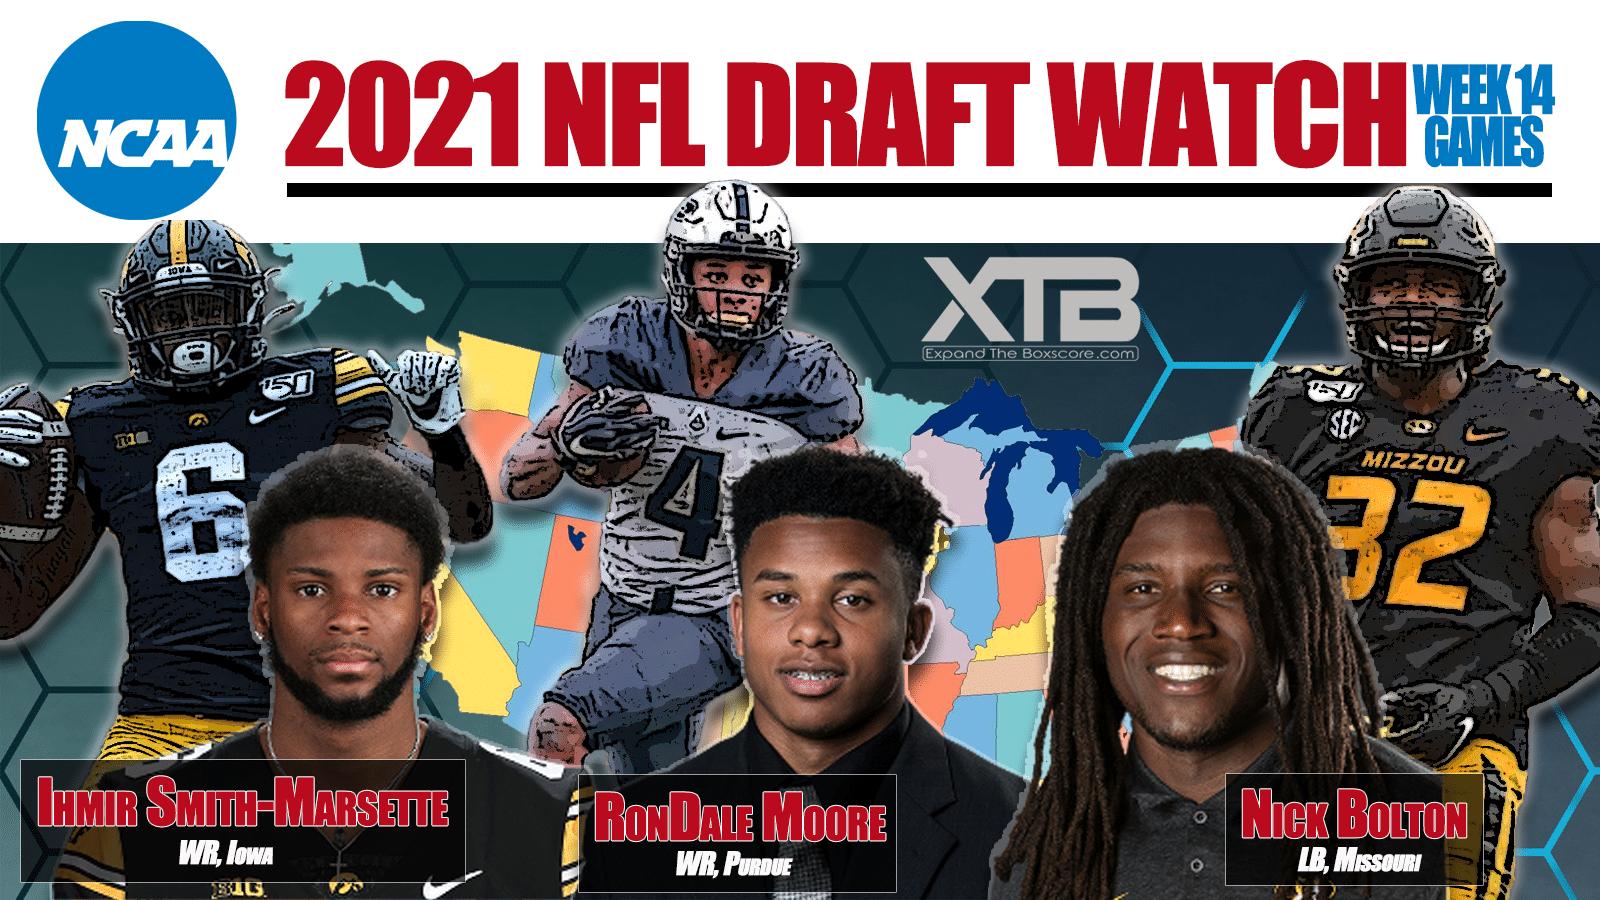 NFL Draft Watch Week 14